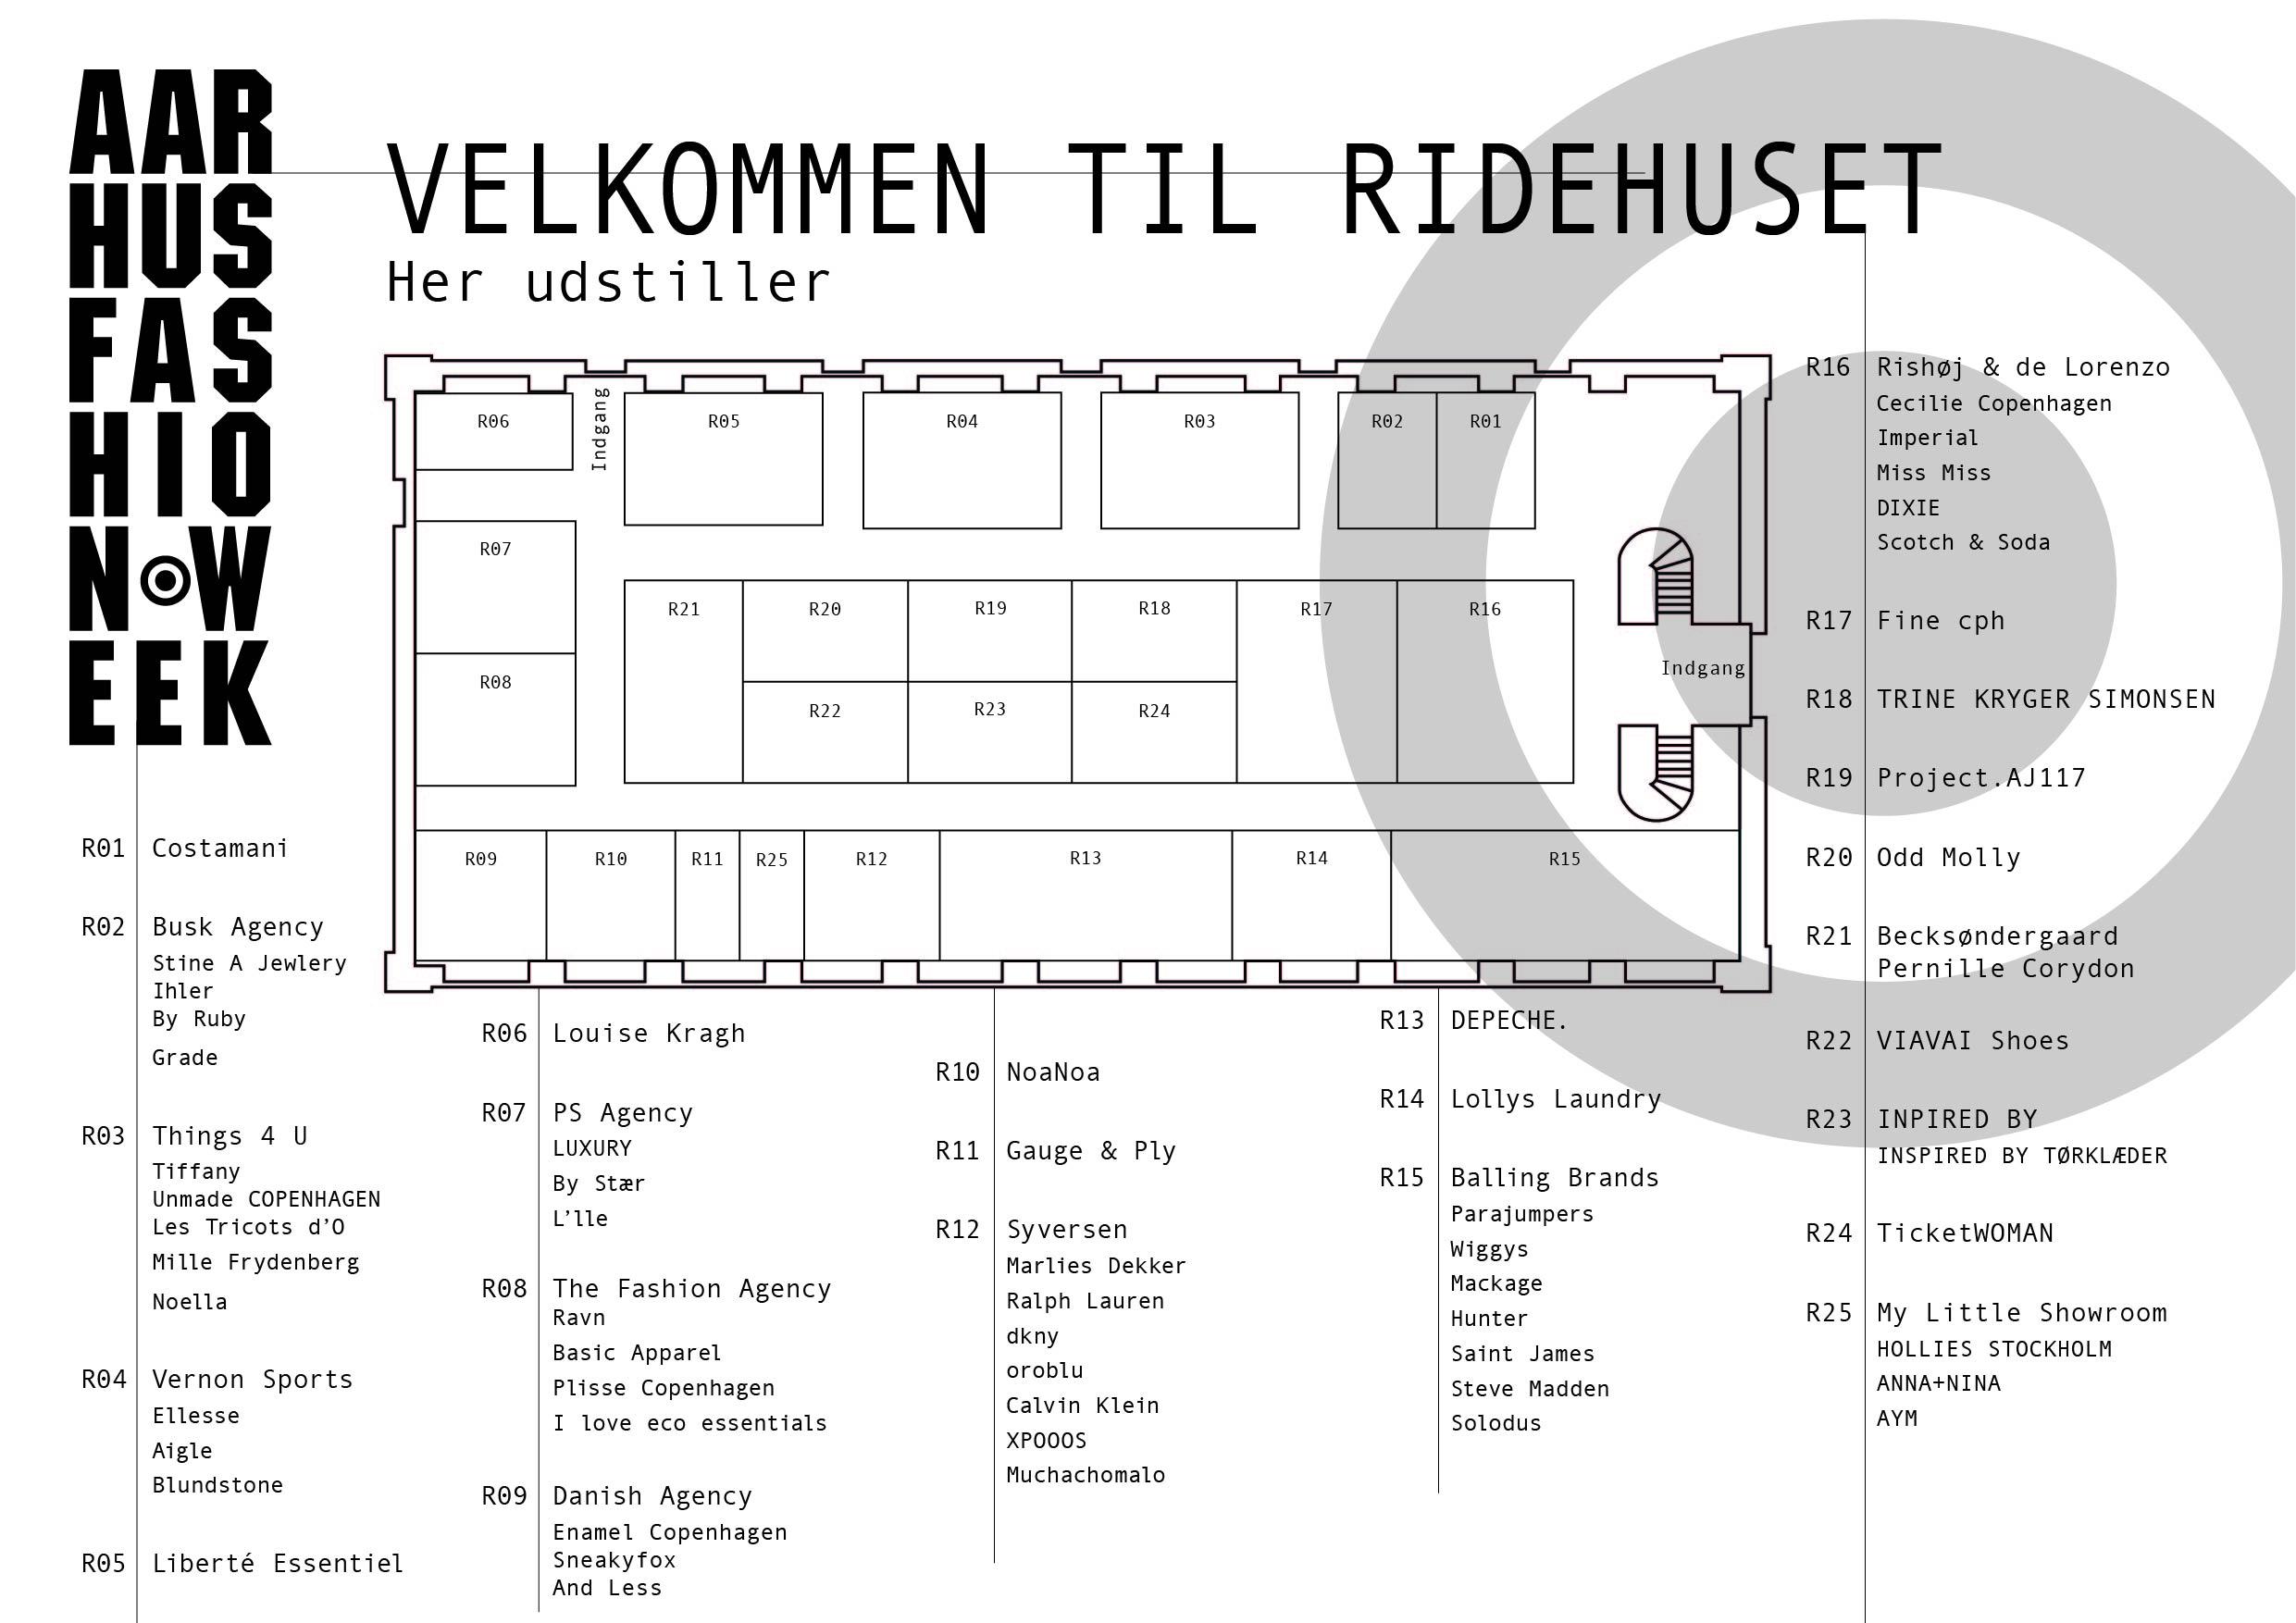 RIDEHUSET_herudstiller-01.jpg